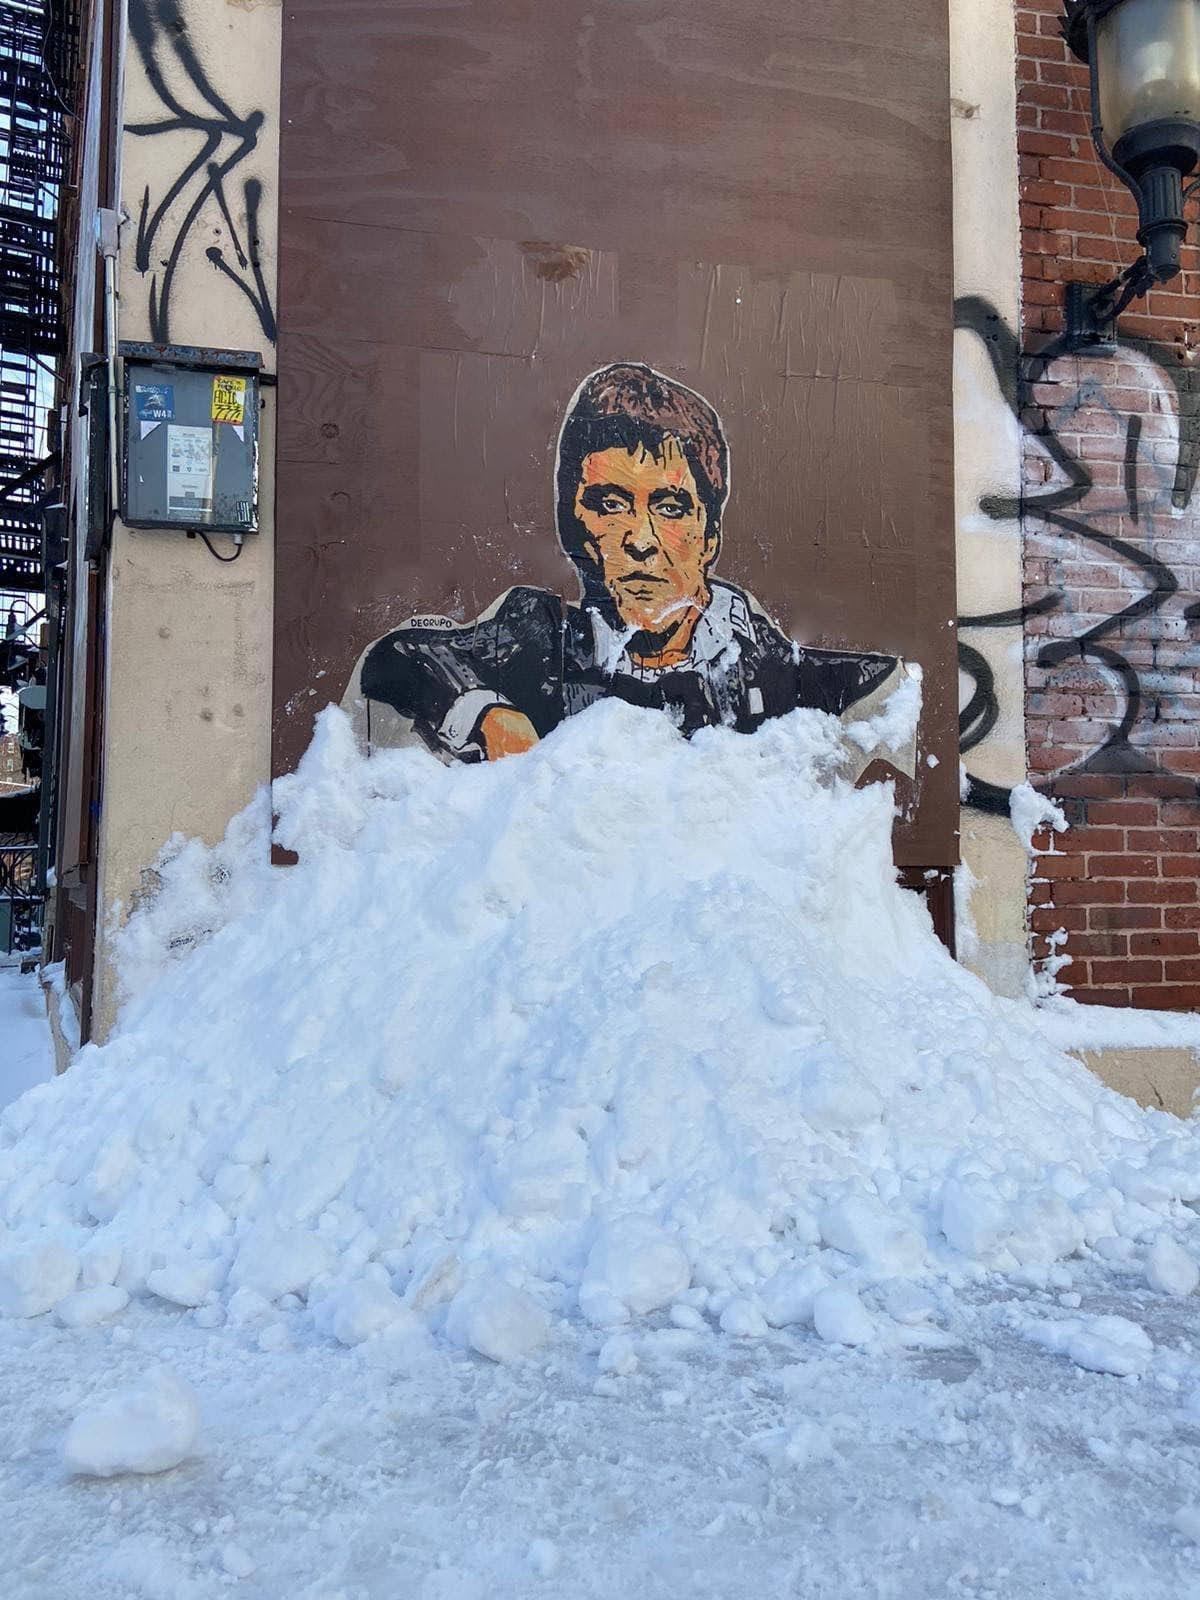 Scarface : アル・パチーノが演じたトニー・モンタナは麻薬王だけに、雪に埋もれた様子が、白い粉まみれのように見えなくもない天然の演出になってしまった「スカーフェイス」のストリート・アート ! !